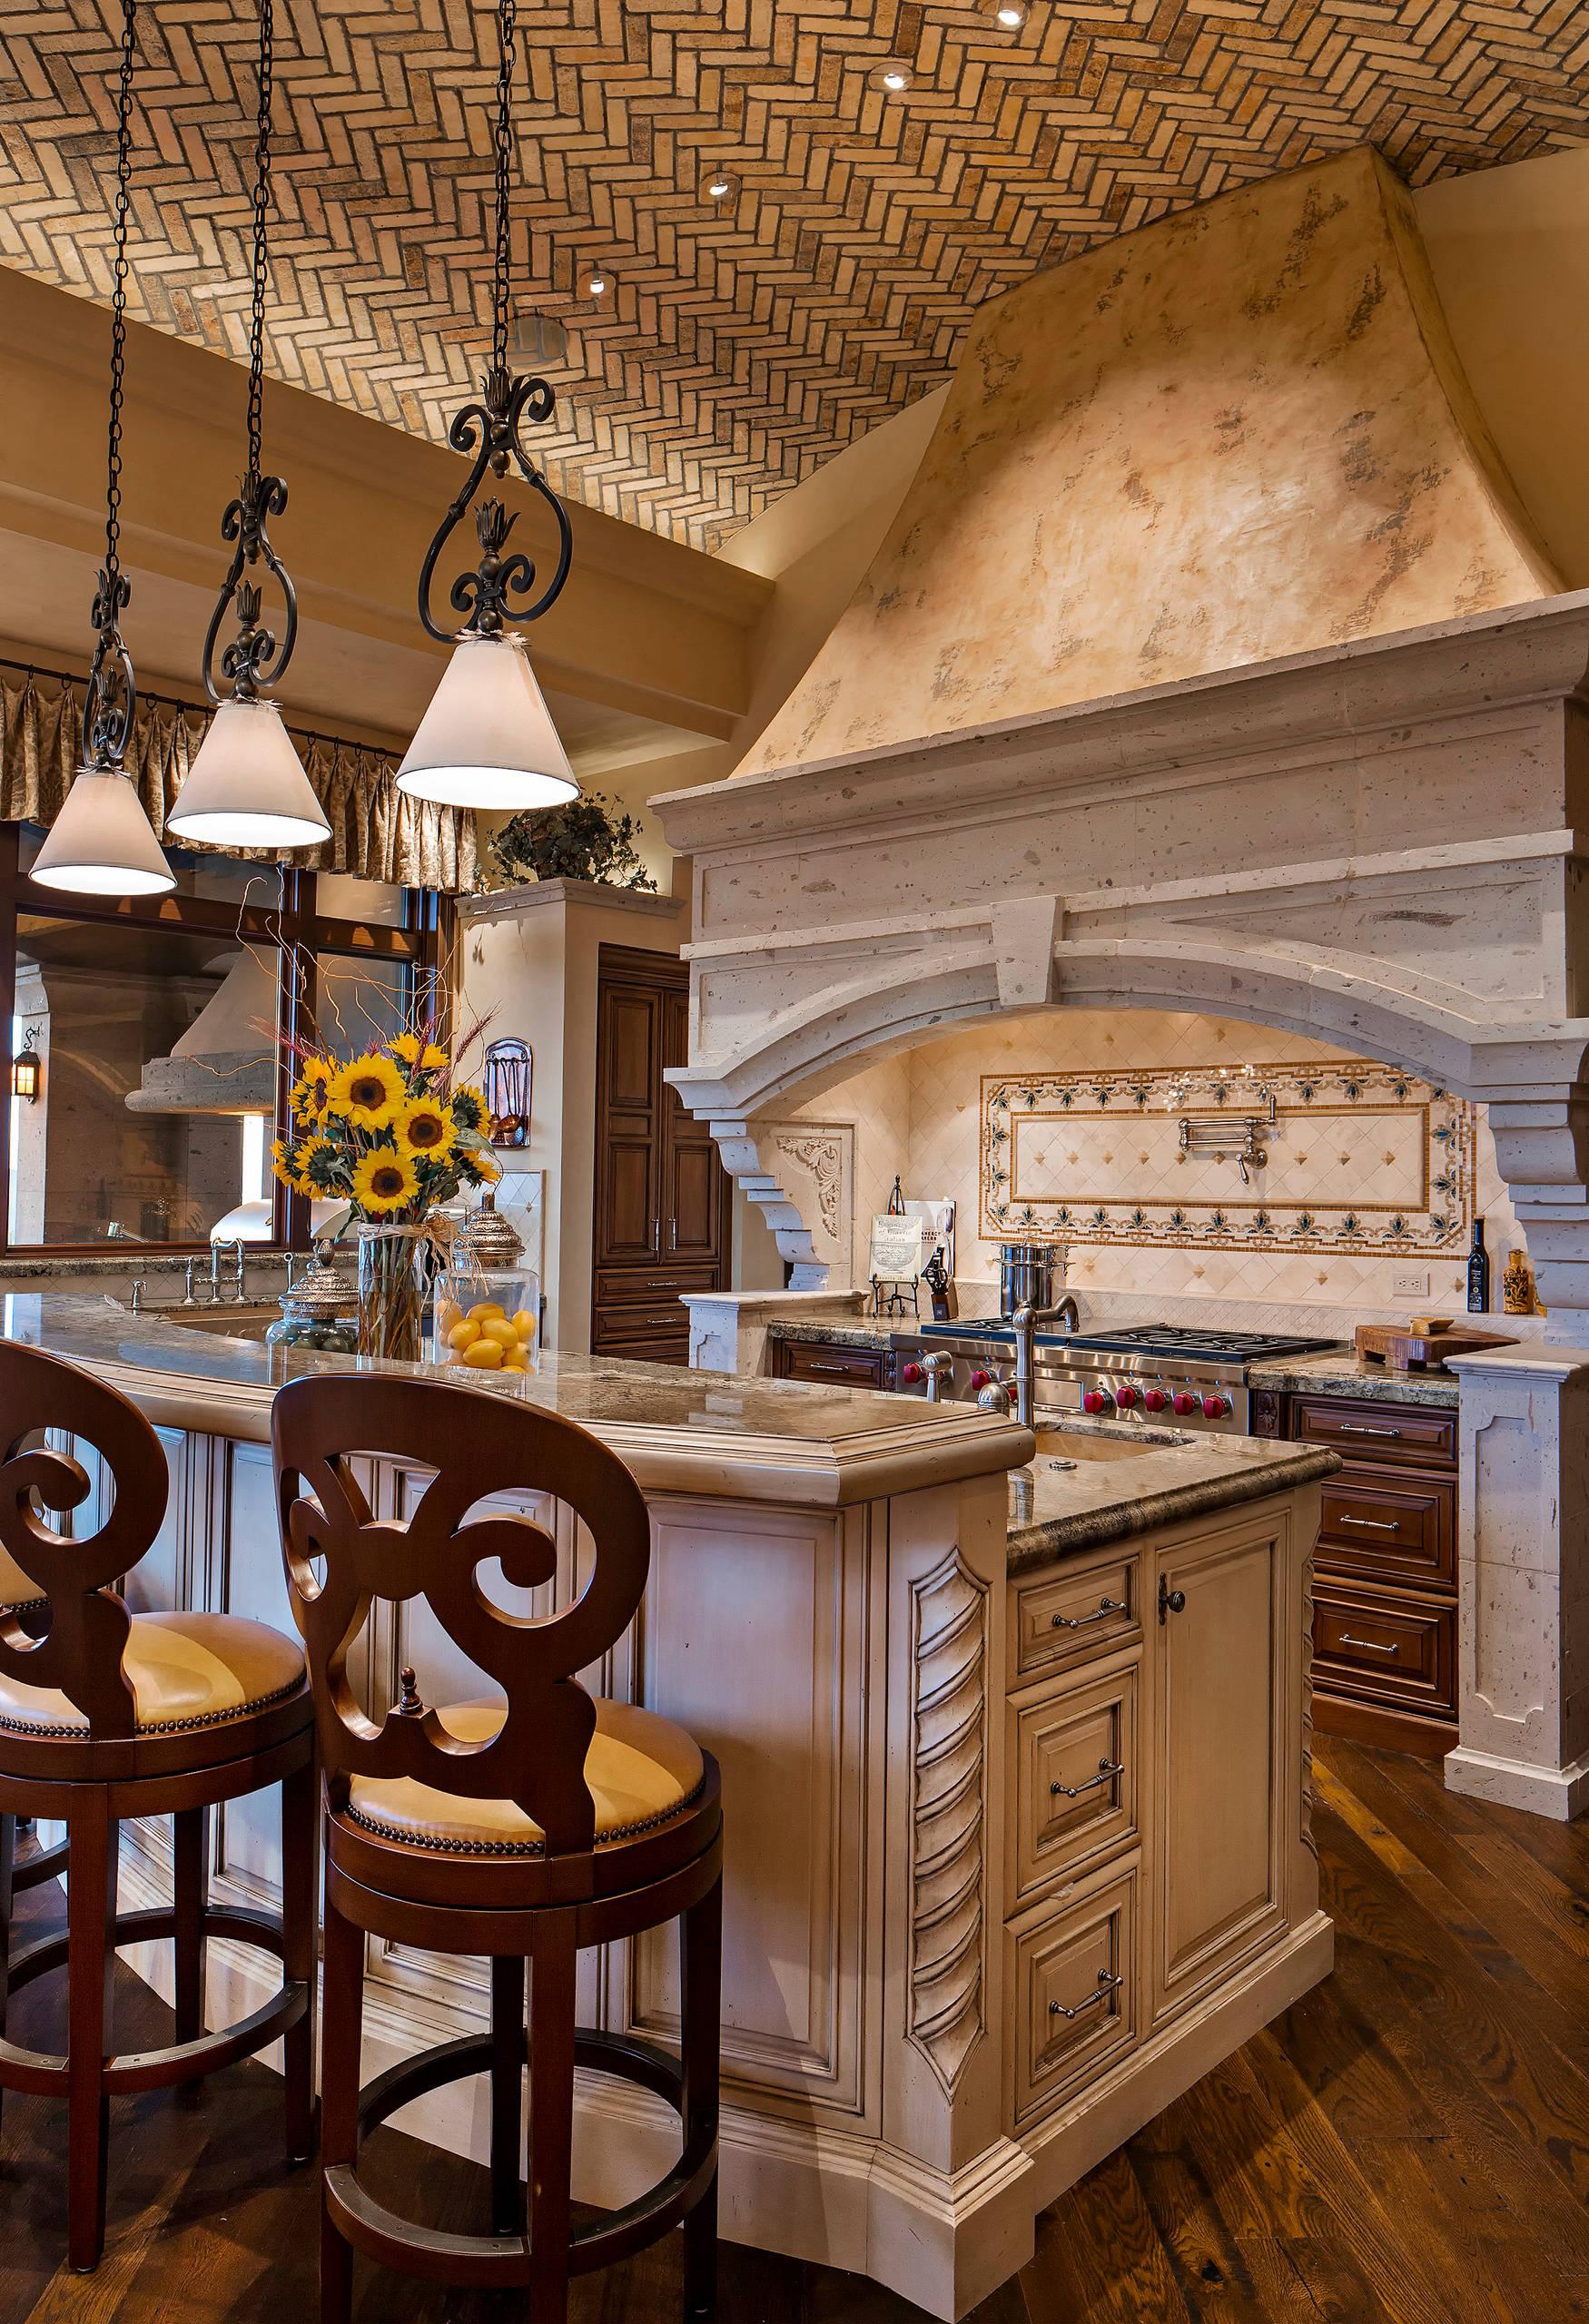 16 Charming Mediterranean Kitchen Designs That Will